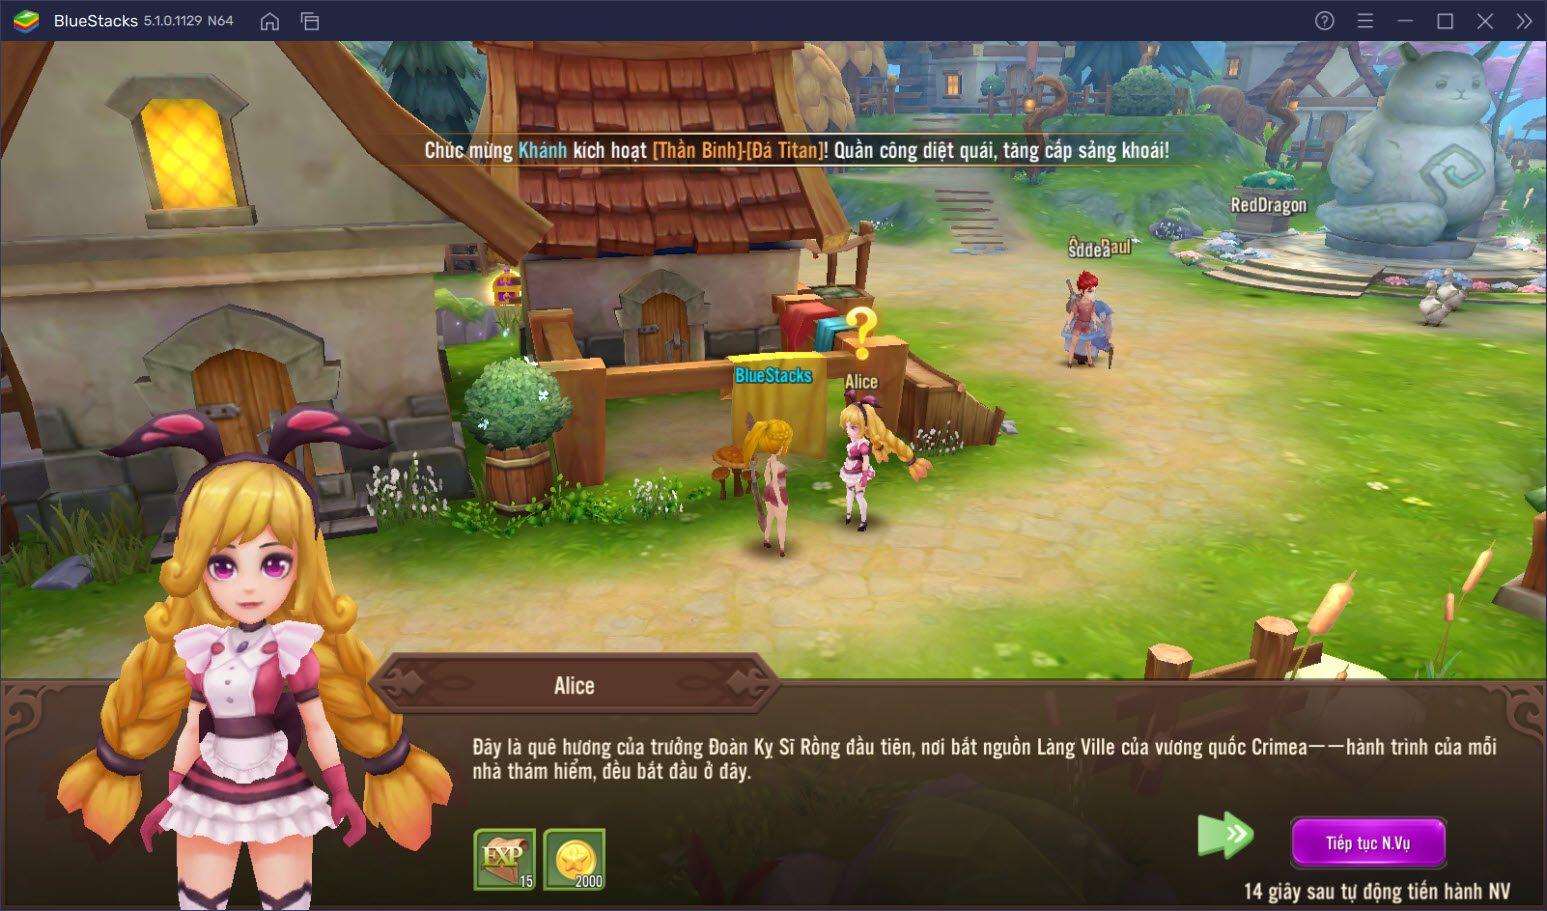 Trải nghiệm thế giới rồng Dragon Heroes – Chung Sức Bảo Vệ trên PC